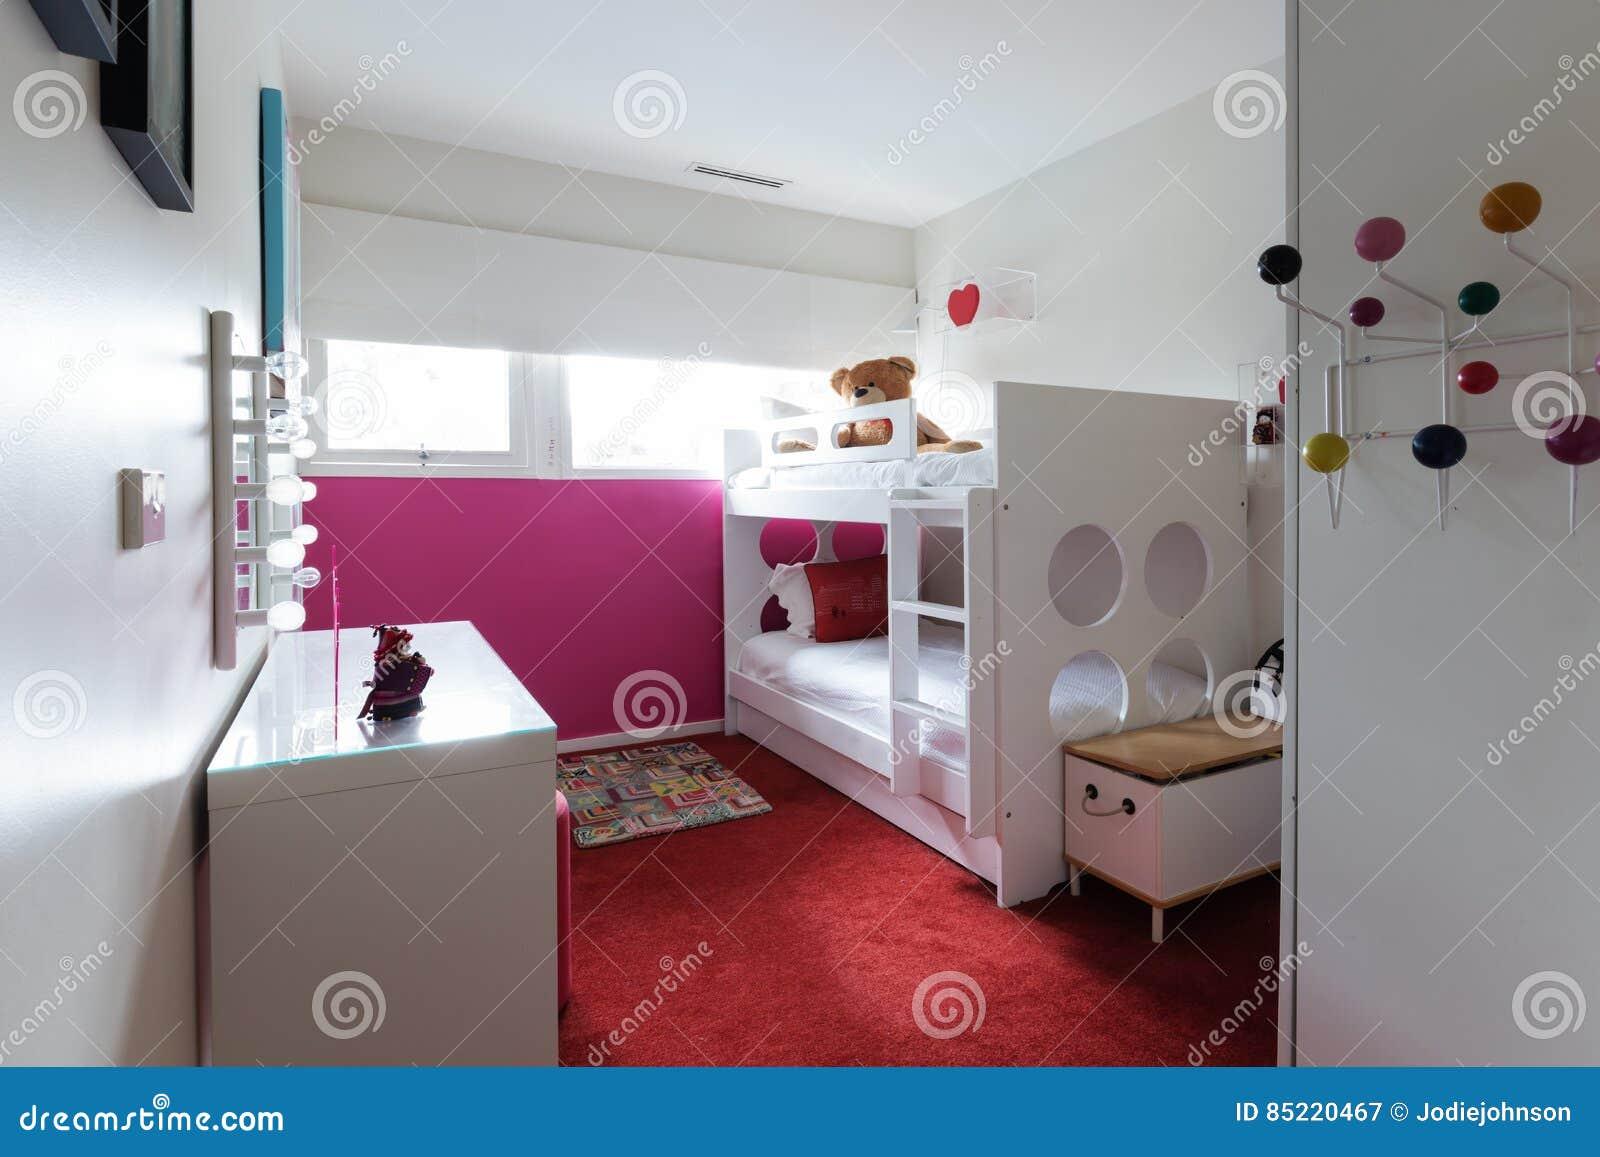 Alfombra dormitorio alfombras dormitorio pom pom alfombra - Ikea alfombras dormitorio ...